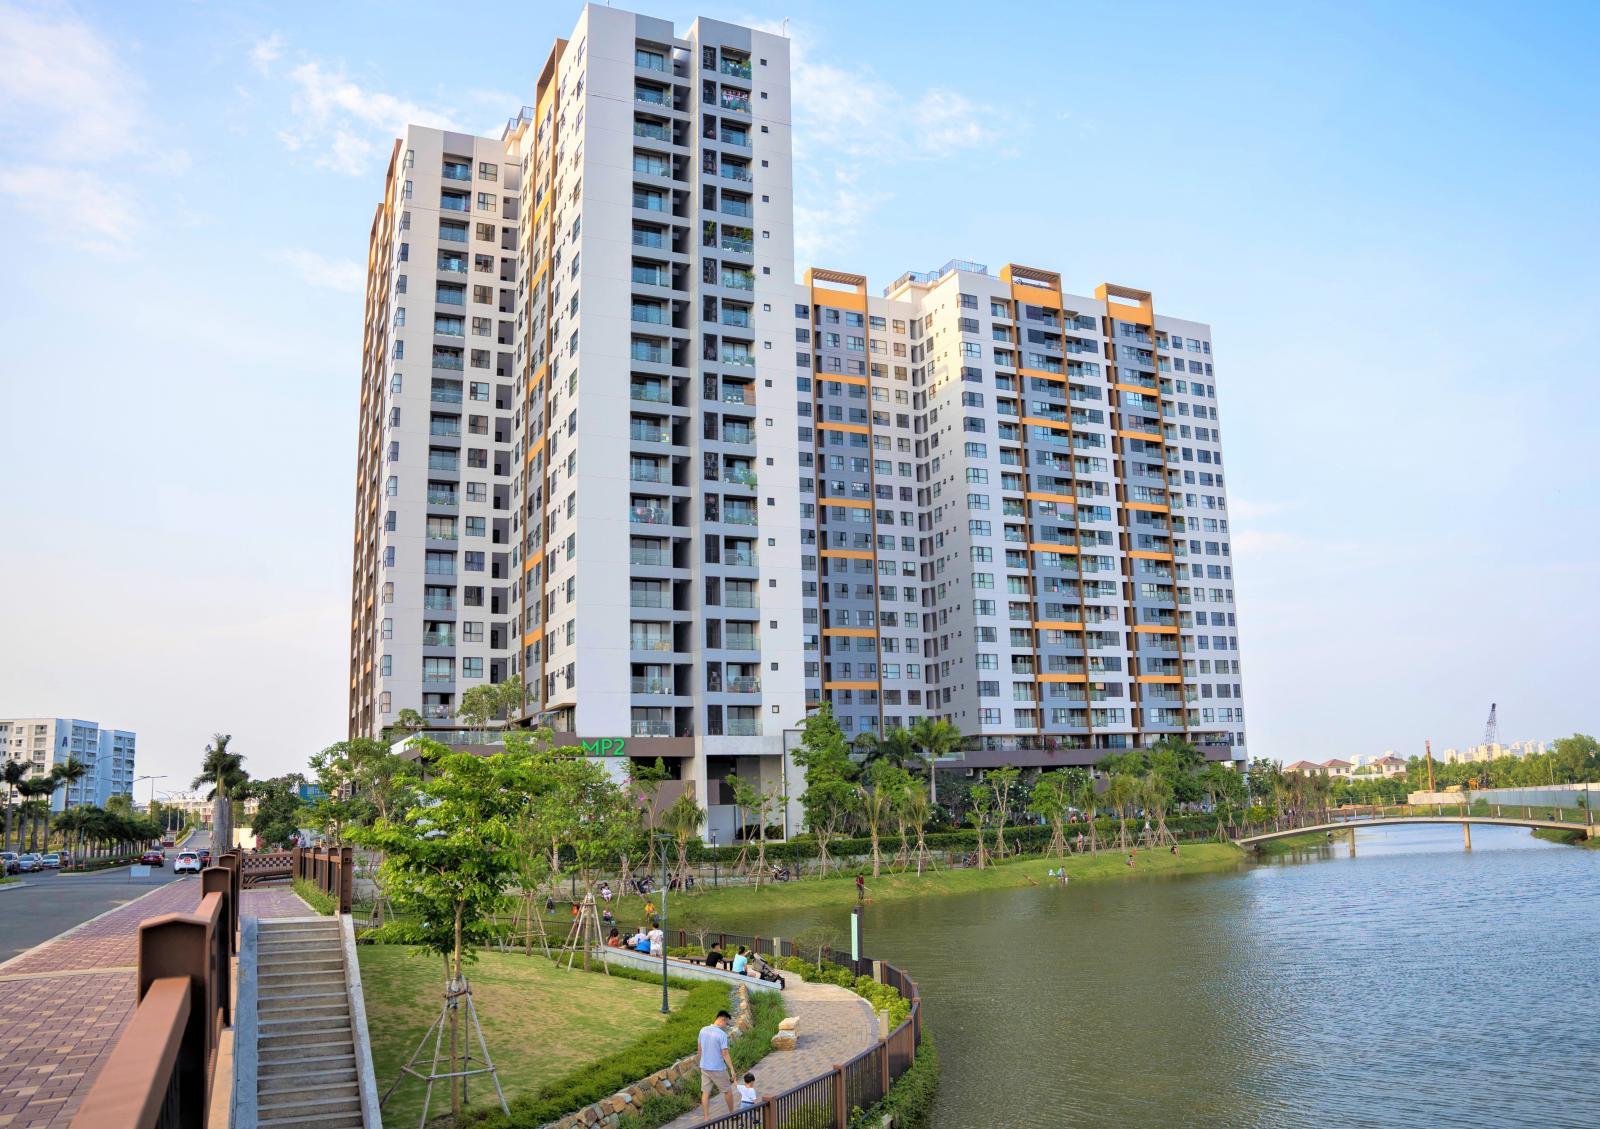 Nguồn cung hạn chế khiến nhiều người mua khó tiếp cận căn hộ tầm giá dưới 40 triệu/m2 tại TP. HCM